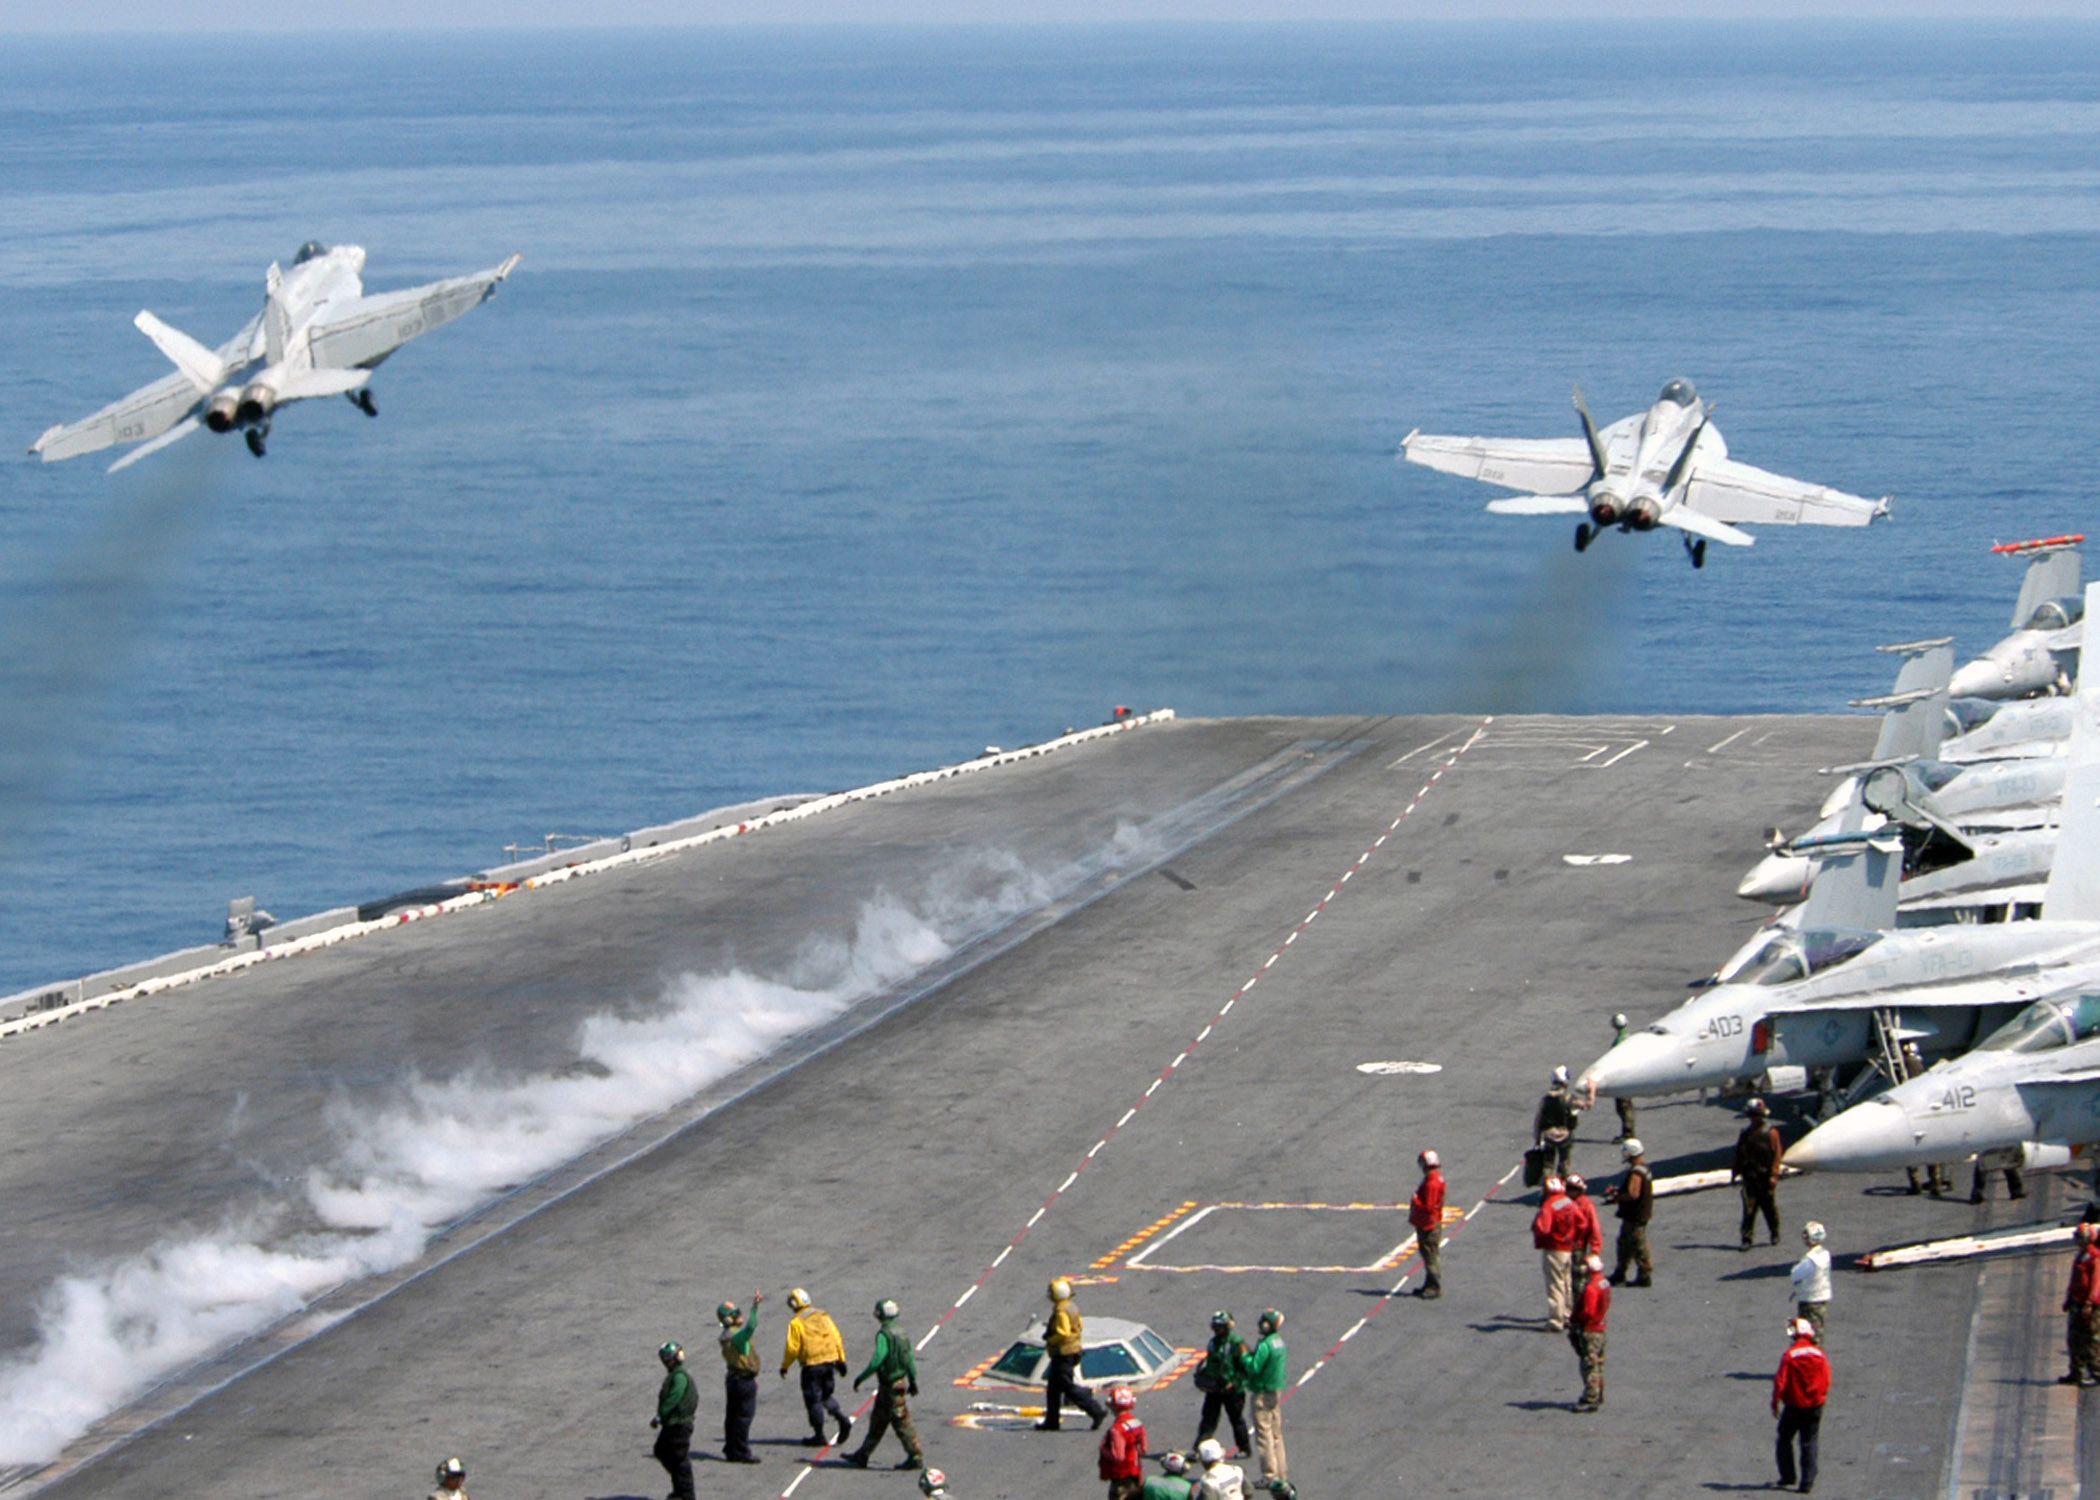 """ATLANTIC OCEAN (August 2, 2007) - An F/A-18E Super Hornet assigned to the """"Pukin Dogs"""" of Strike Fighter Squadron (VFA) 143 and a F/A-18C Hornet assigned to the """"Wildcats"""" of Strike Fighter Squadron (VFA) 131 launch off the flight deck of the Nimitz-class aircraft carrier USS Dwight D. Eisenhower (CVN 69) during flight operations."""